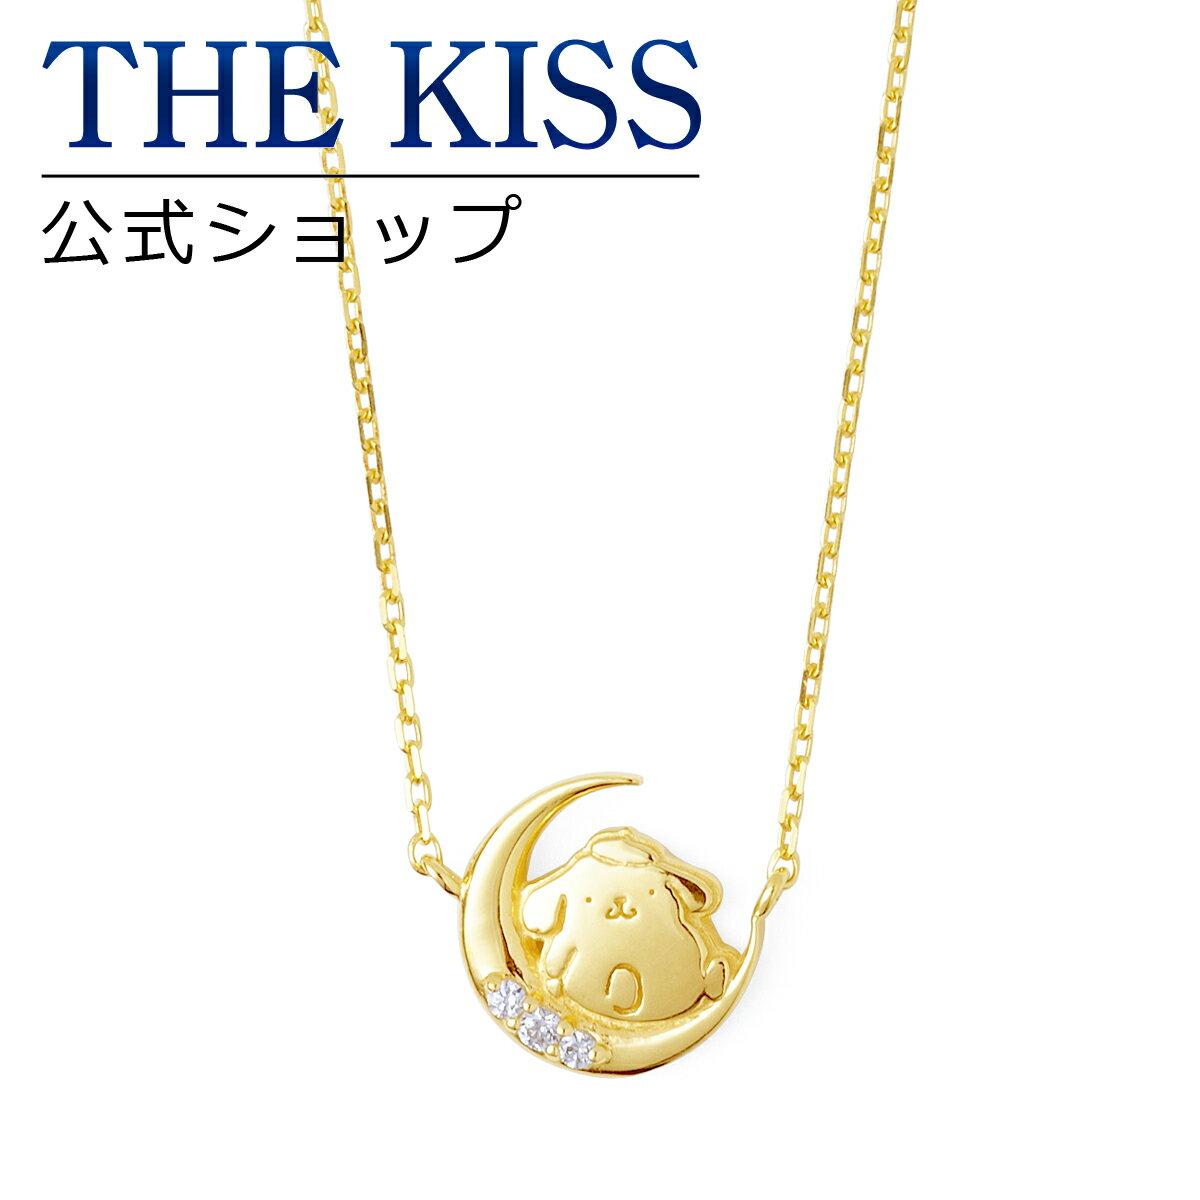 【あす楽対応】【送料無料】【ポムポムプリン×THE KISSコラボ】ポムポムプリン ネックレス ☆ シルバー レディース ネックレス 首飾り ブランド SILVER Ladies Necklace couple PM-SN700CB